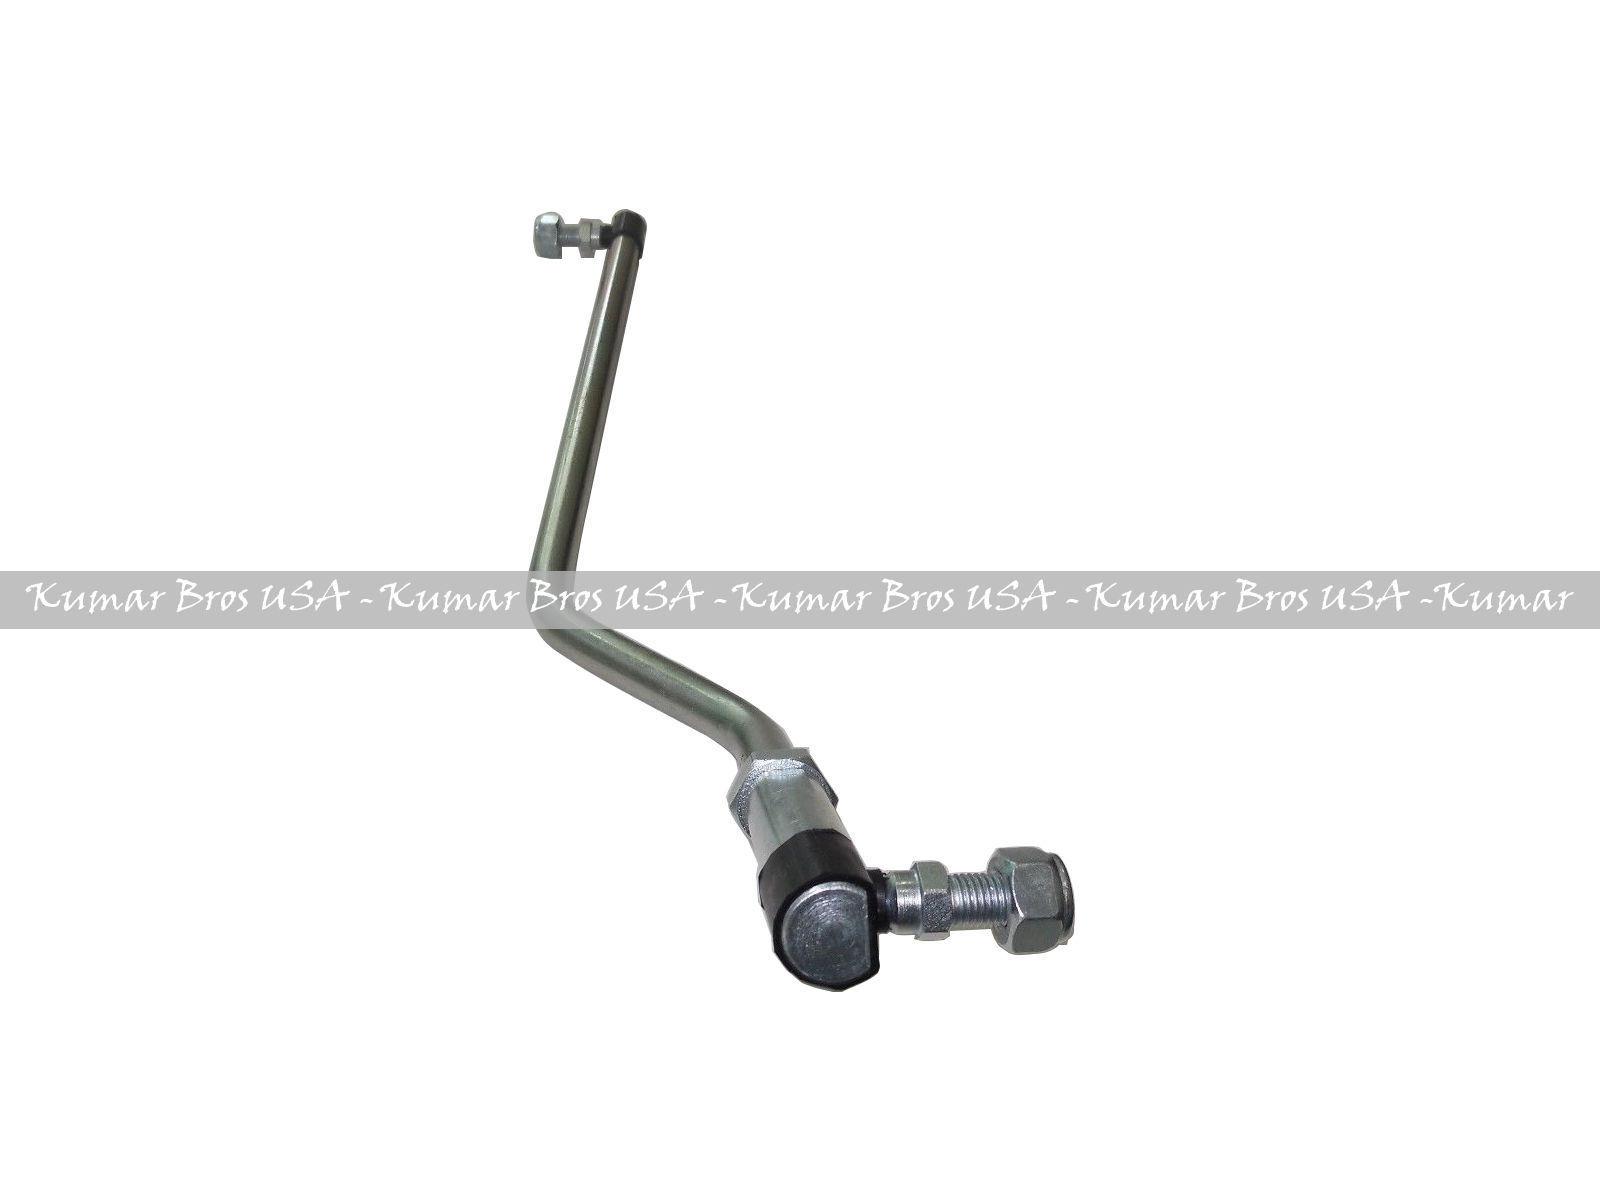 New RIGHT HAND Draglink W//Lock Nuts Fits John Deere LA125 LA130 LA135 LA140